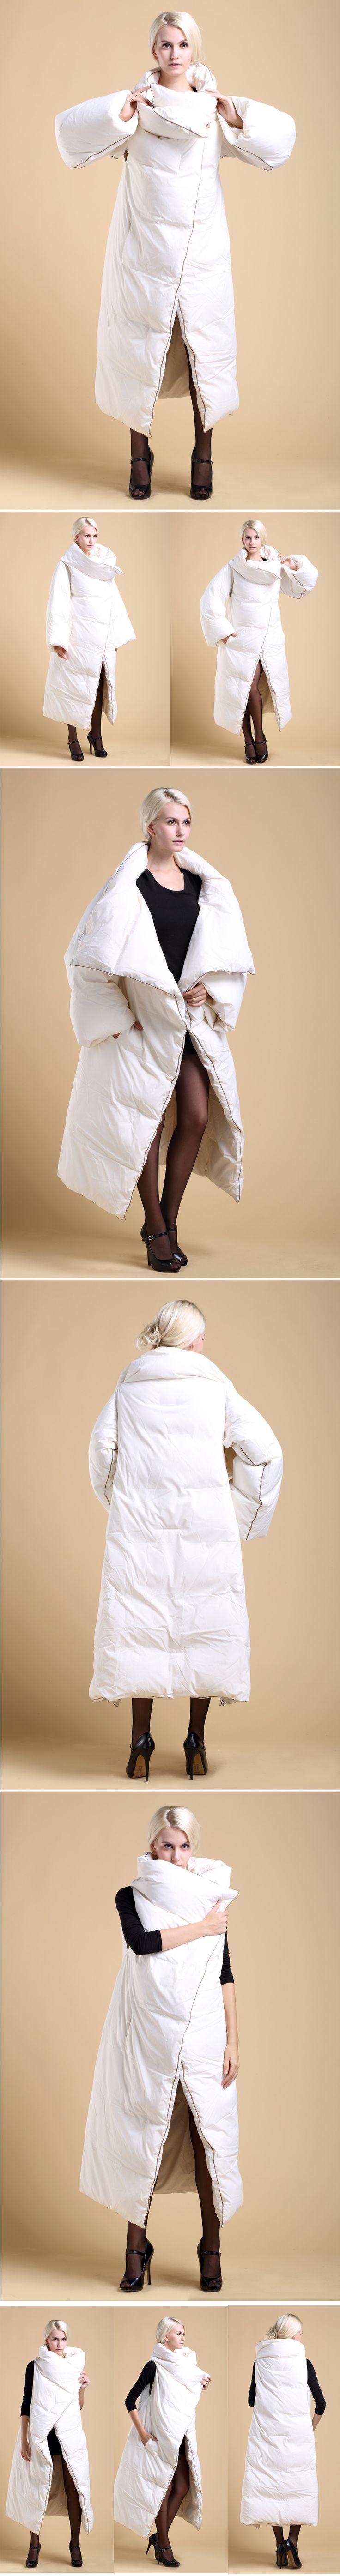 Высокое качество роскошные русская 2015 зима женская макси лонг супер белая утка вниз парка женщины мода толстые теплые плащ пальто куртки, принадлежащий категории Пуховики и парки и относящийся к Одежда и аксессуары для женщин на сайте AliExpress.com | Alibaba Group